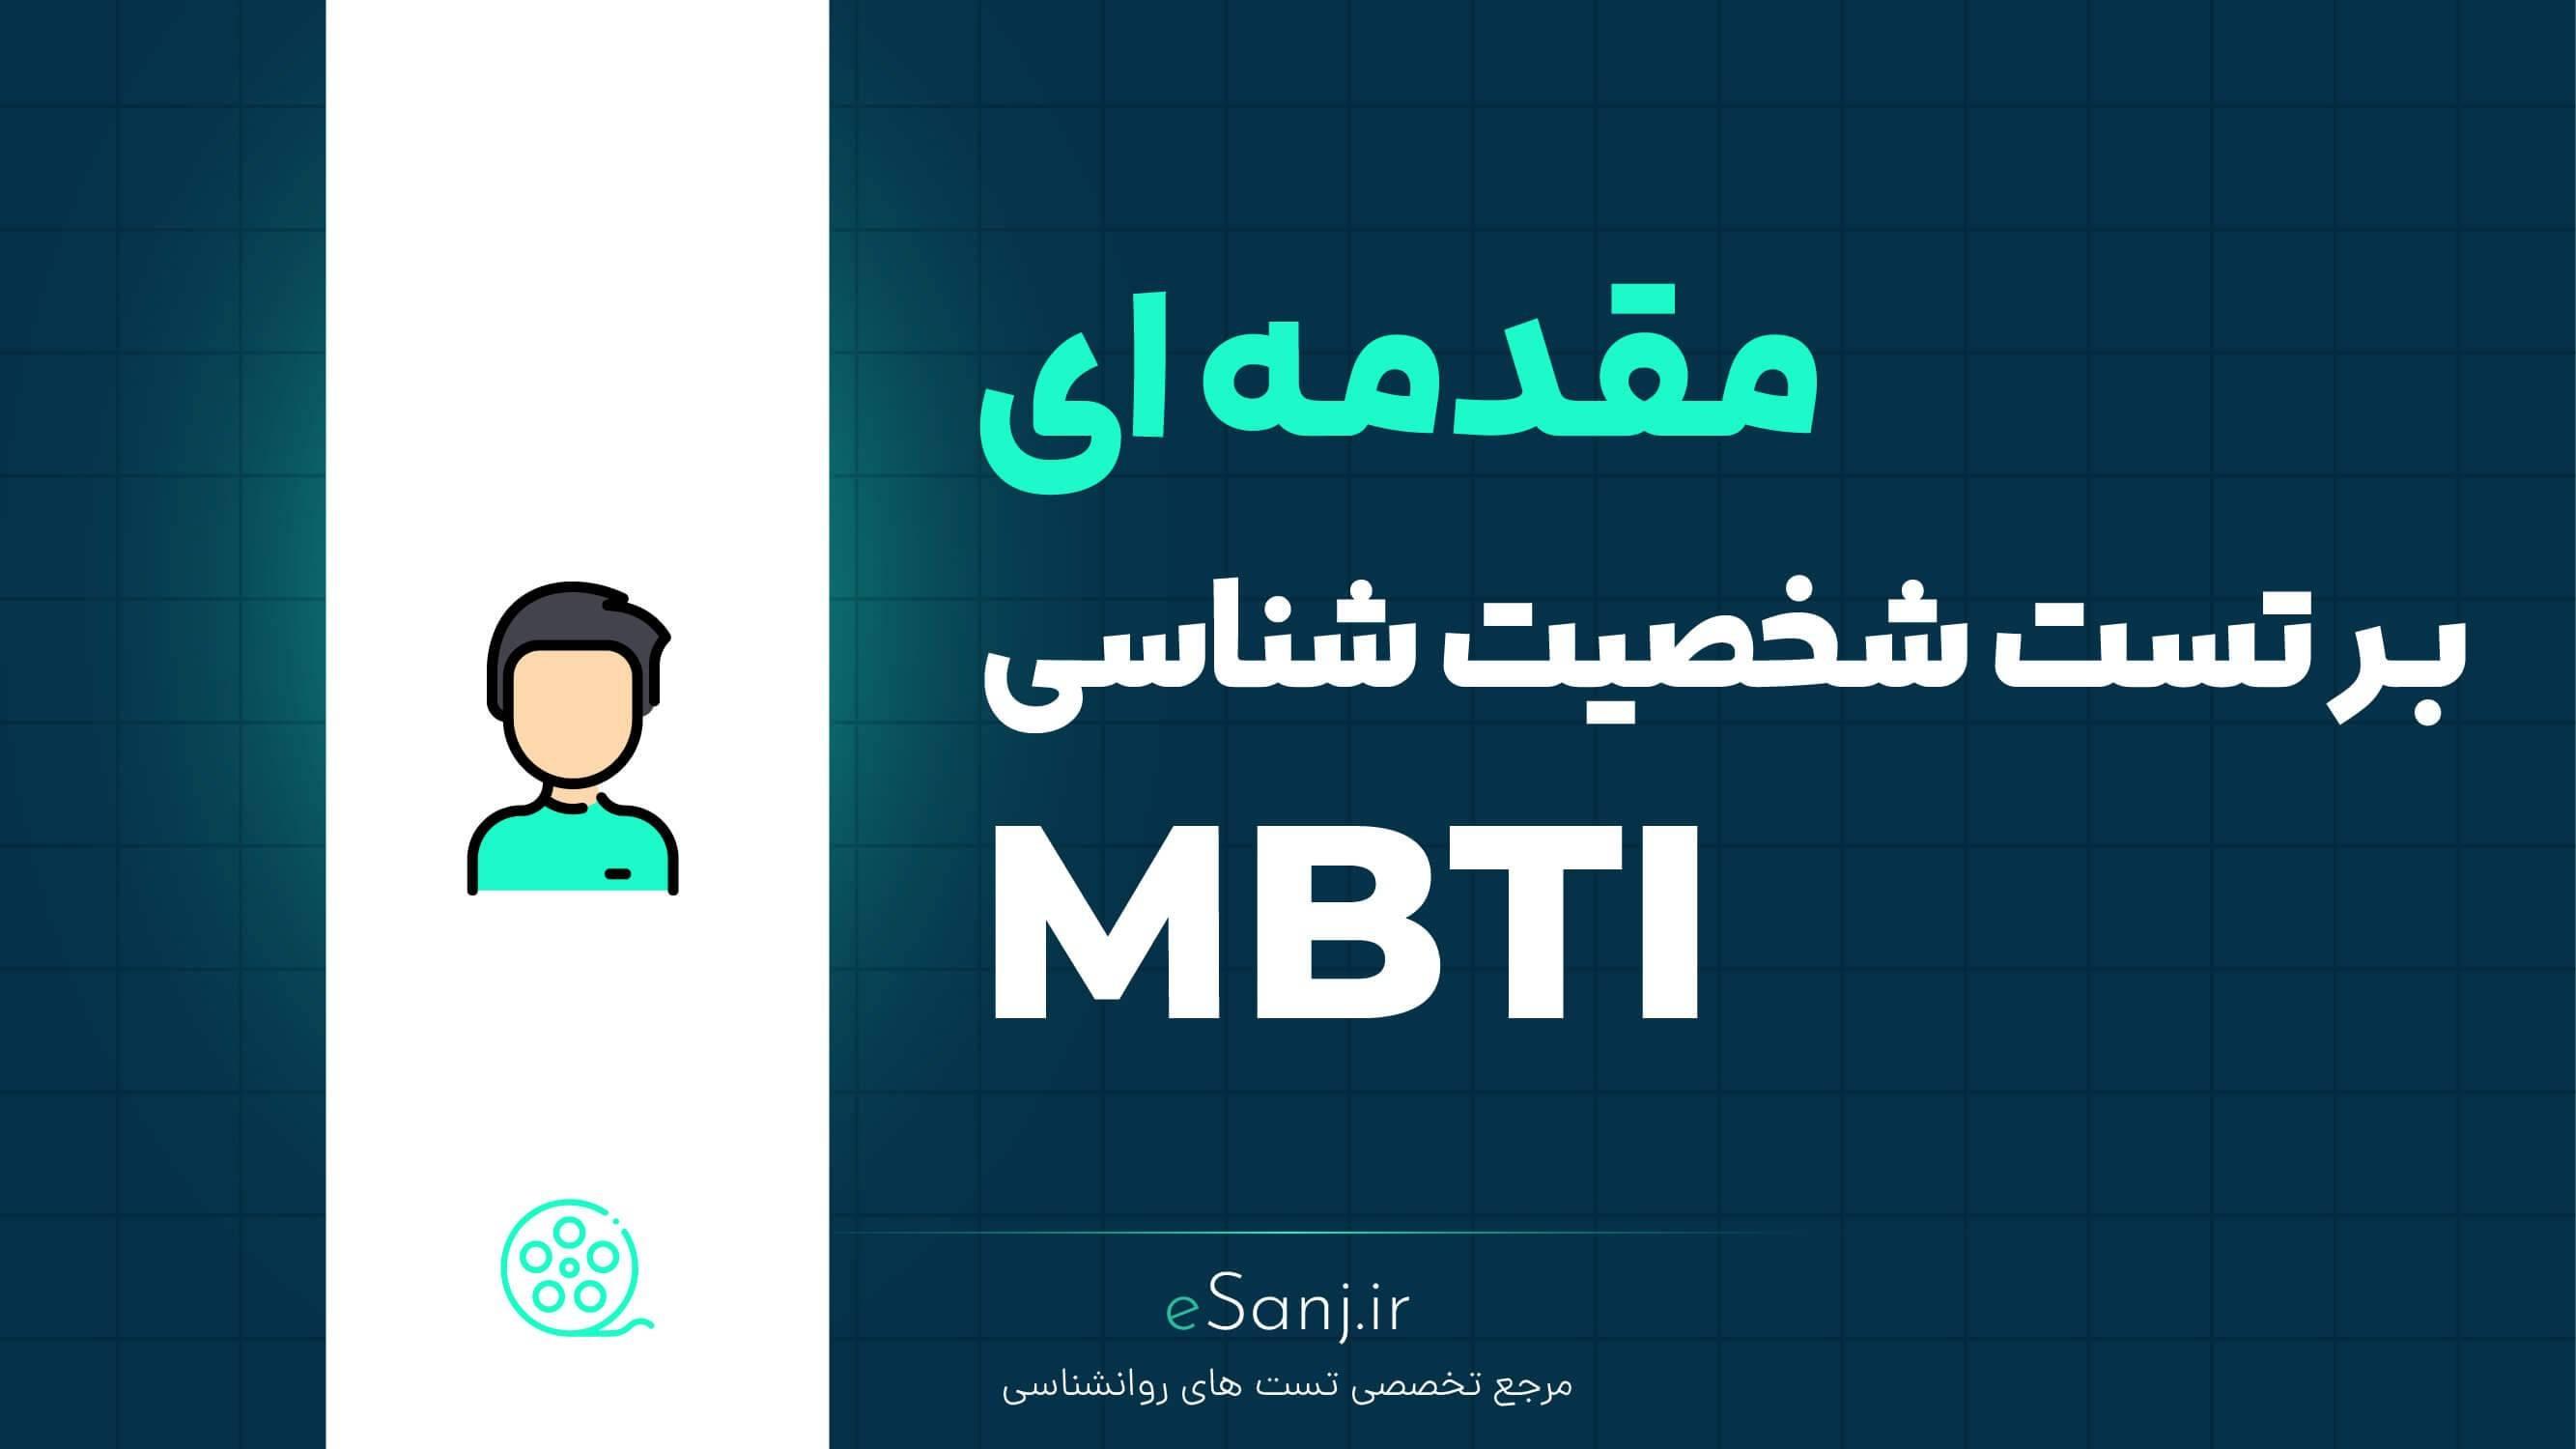 مقدمه ای بر تست MBTI